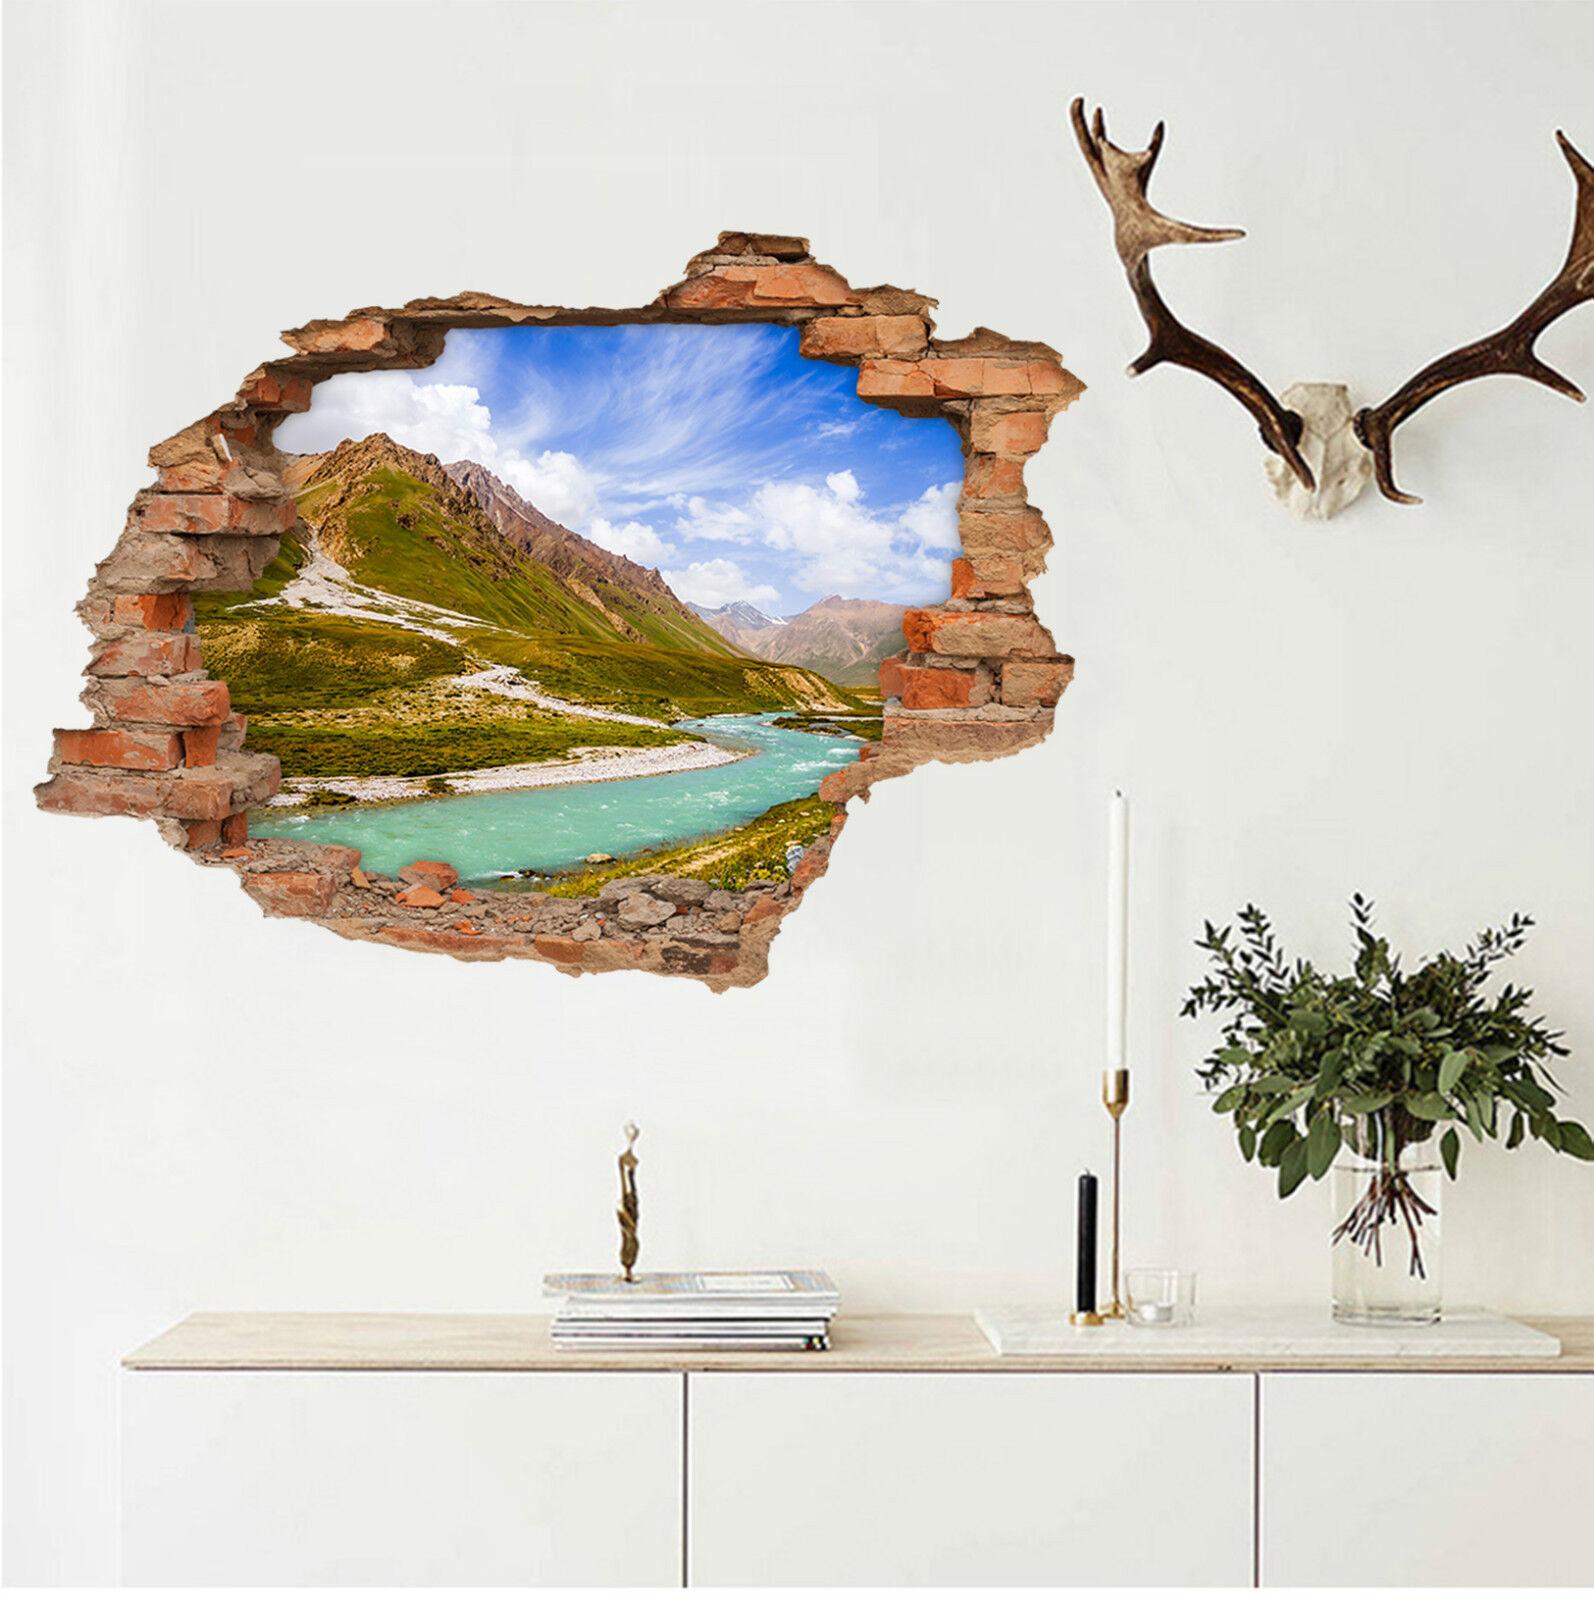 3D Landschaft 47 Mauer Murals Aufklebe Decal Durchbruch AJ WALLPAPER DE Lemon